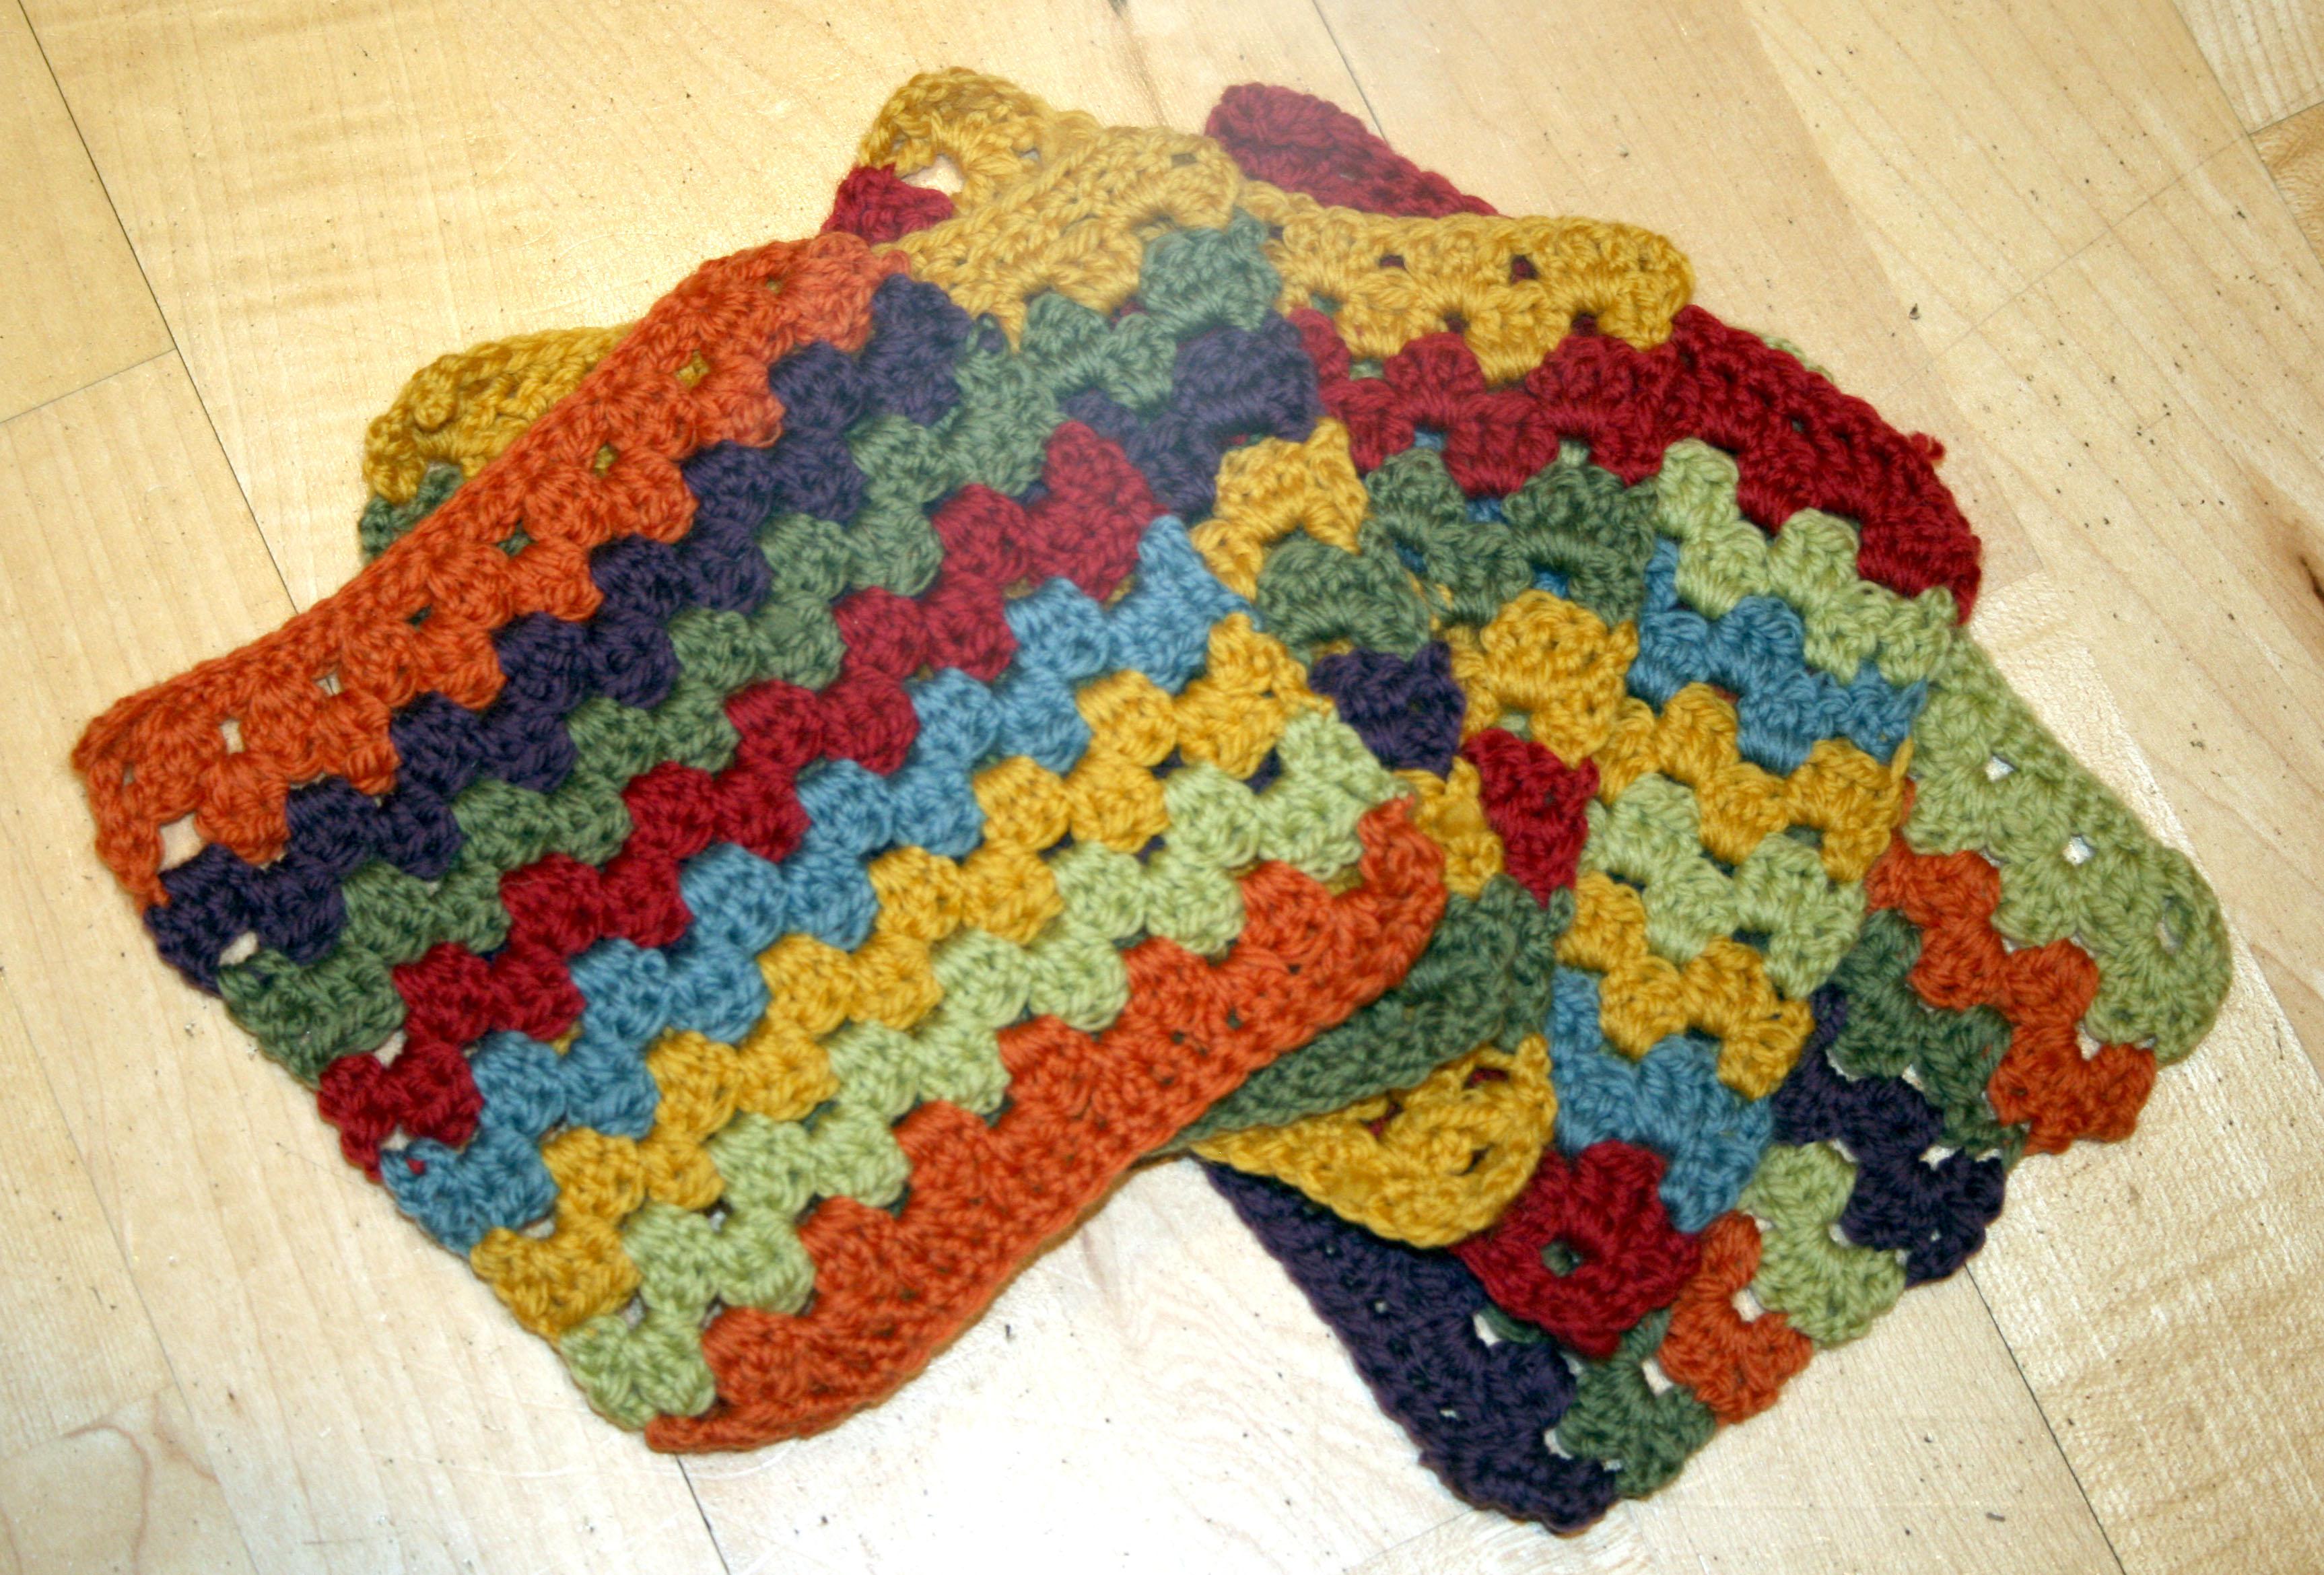 Crochet Granny Square Afghan ? Update thegrangerange